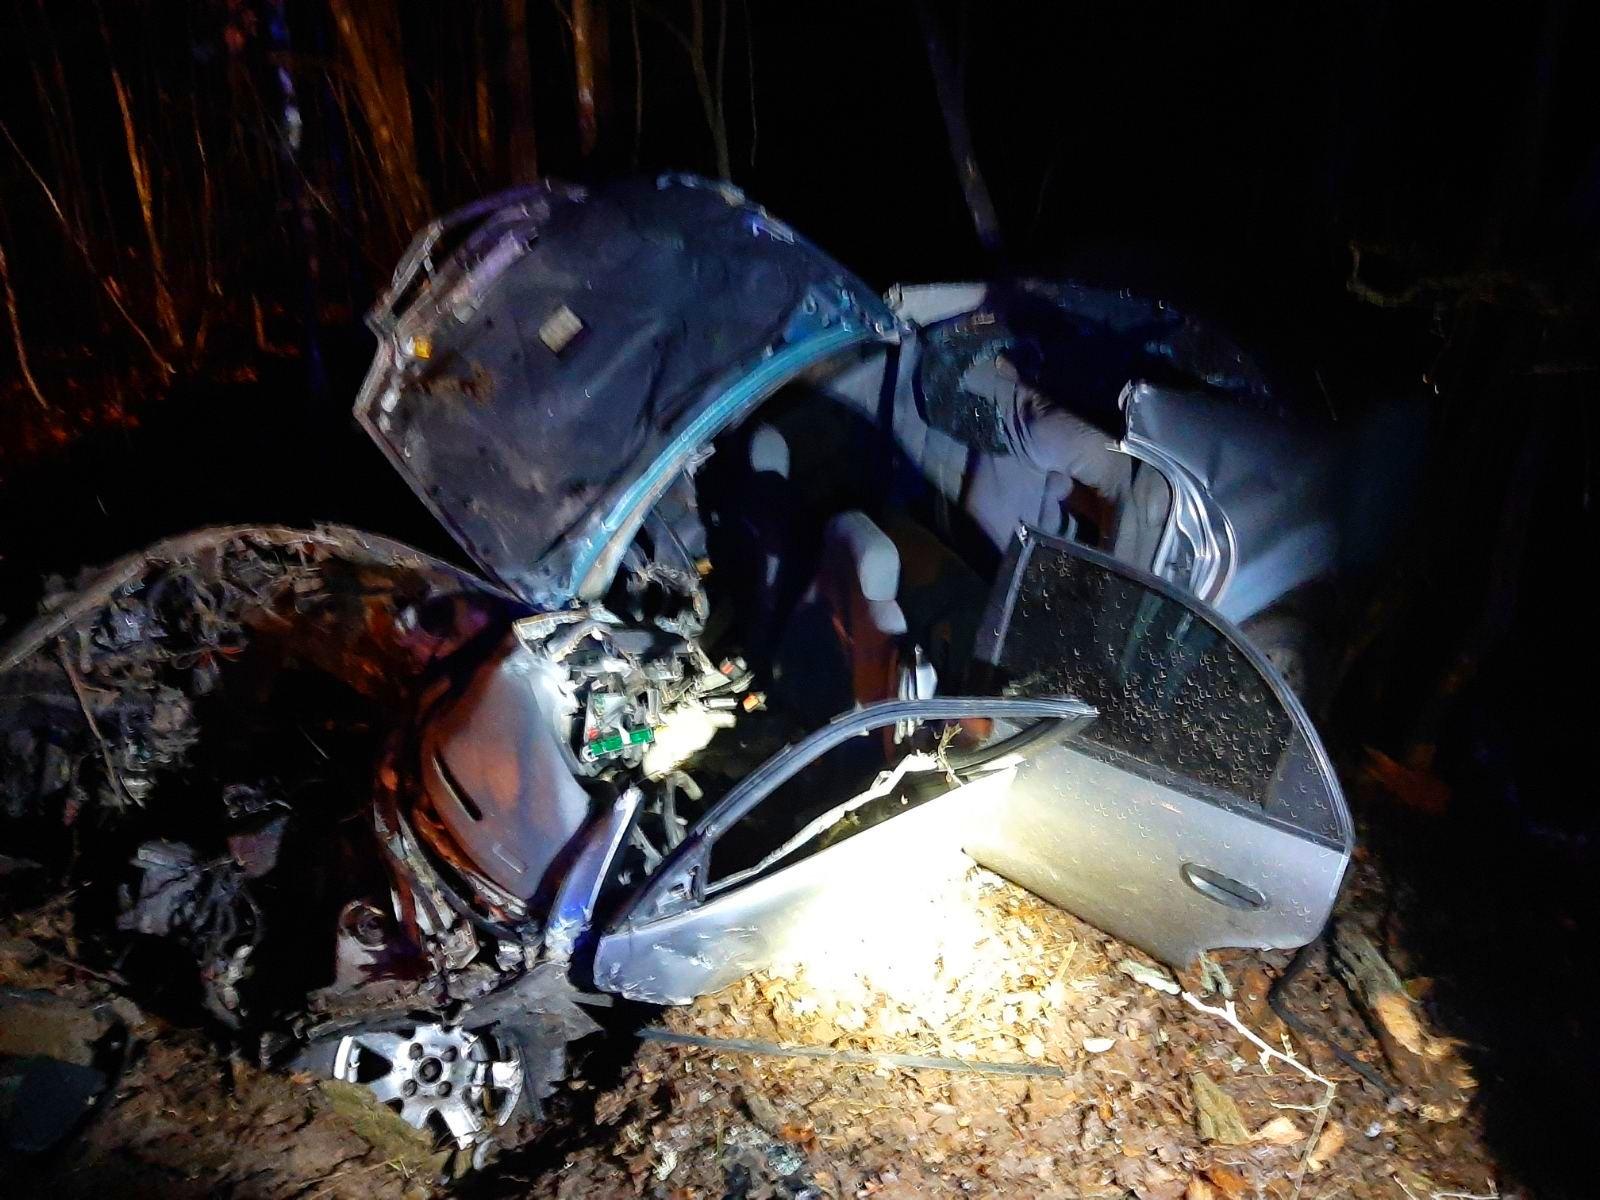 На Київщині водій не впорався з керування і врізався у дерево - Пісківська ОТГ, Бородянський район, Аварія - 02